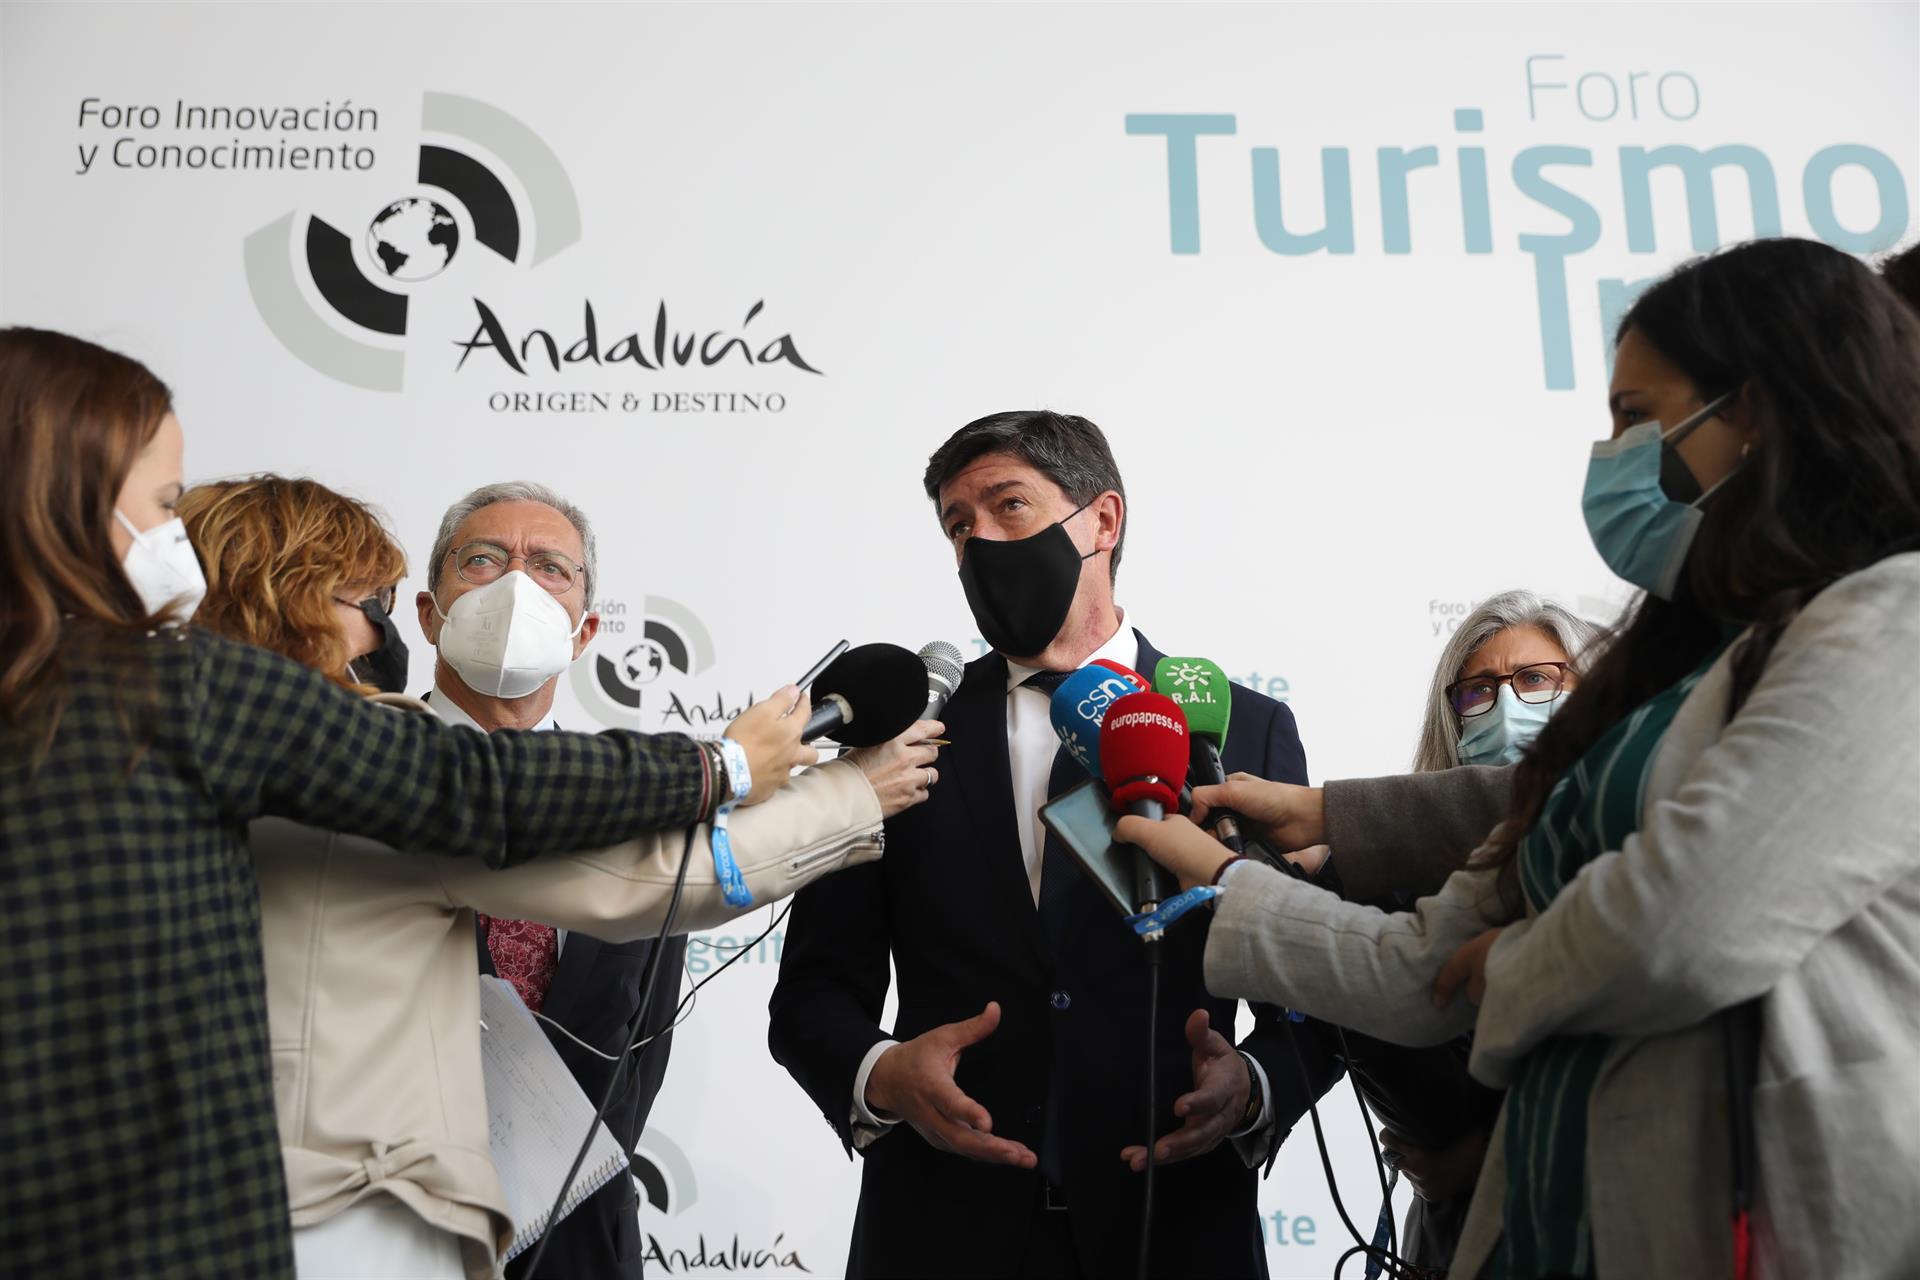 Marín reclama que Andalucía debería haber recibido 2.300 millones y cree que ayudas del Gobierno «llegan tarde y mal»